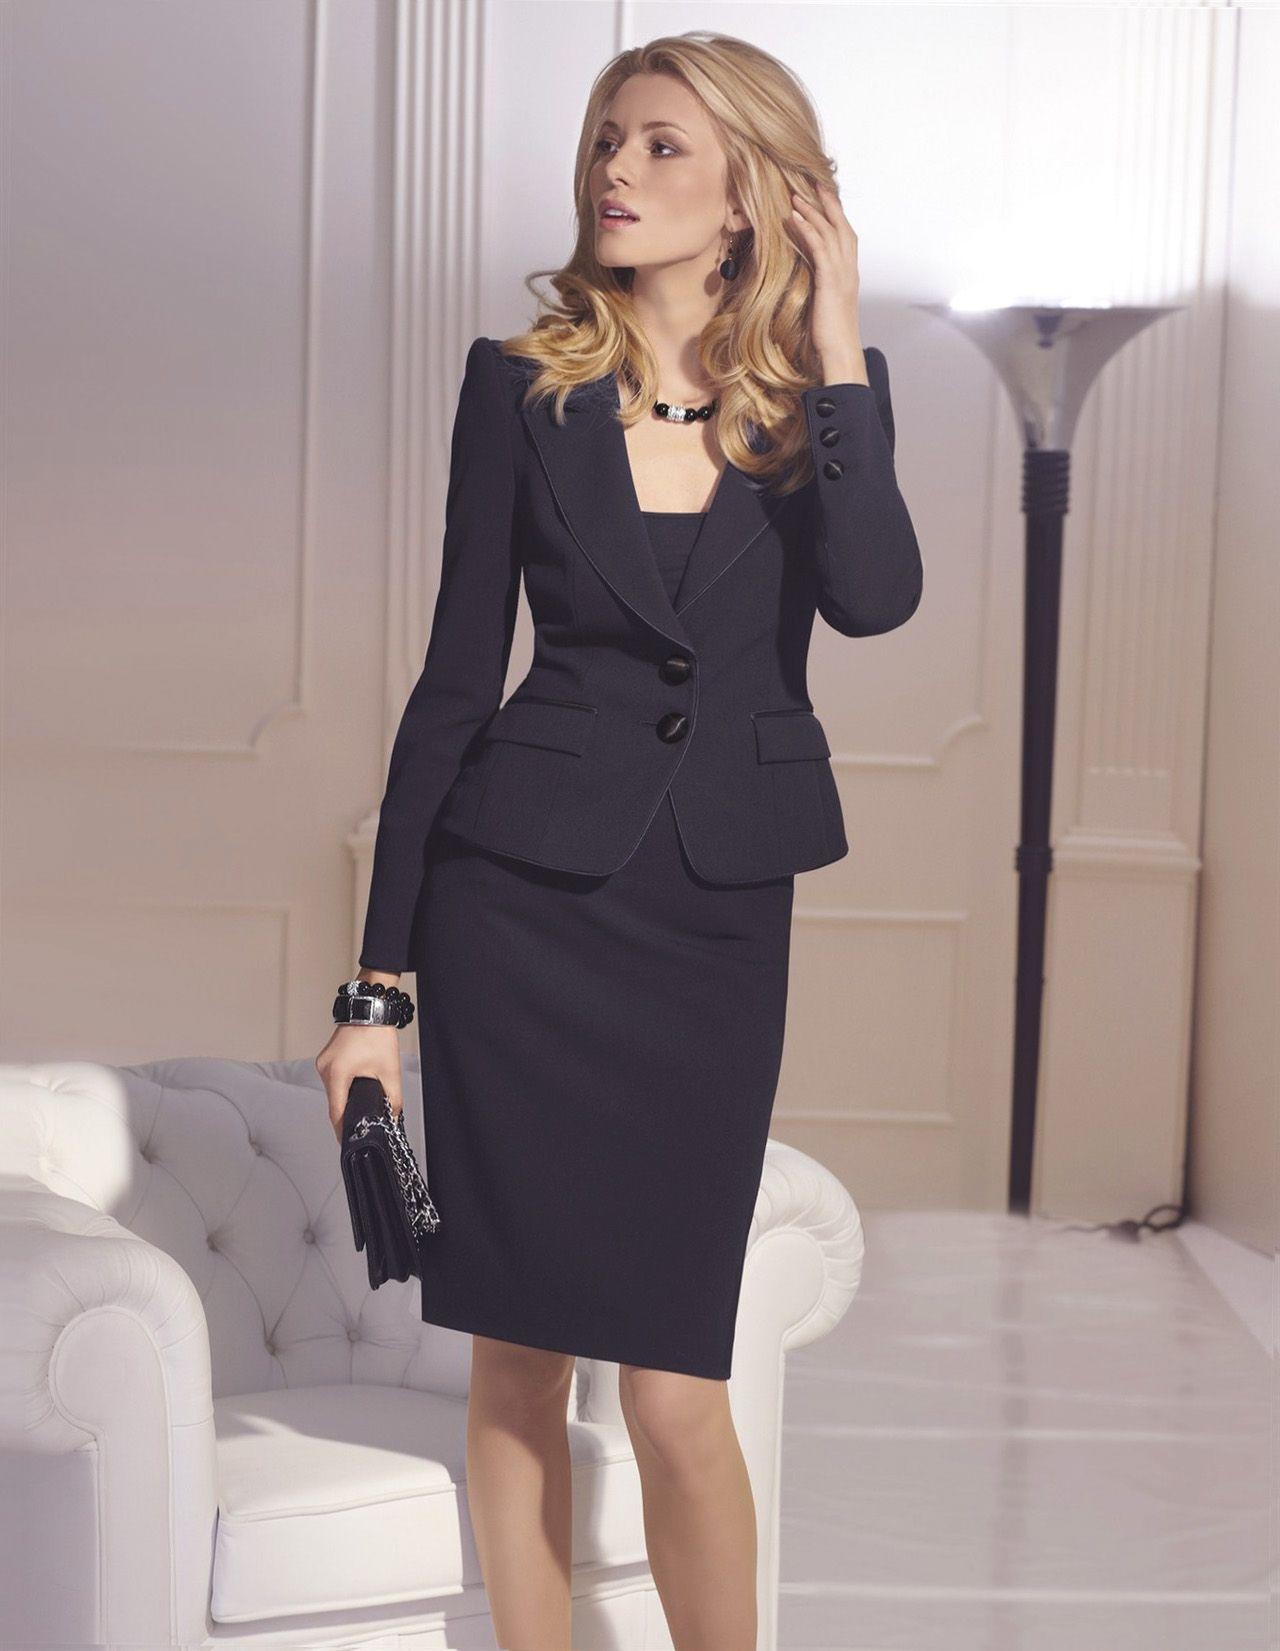 Navy Blue Skirt Suit & Clutch - women's formal work wear ...